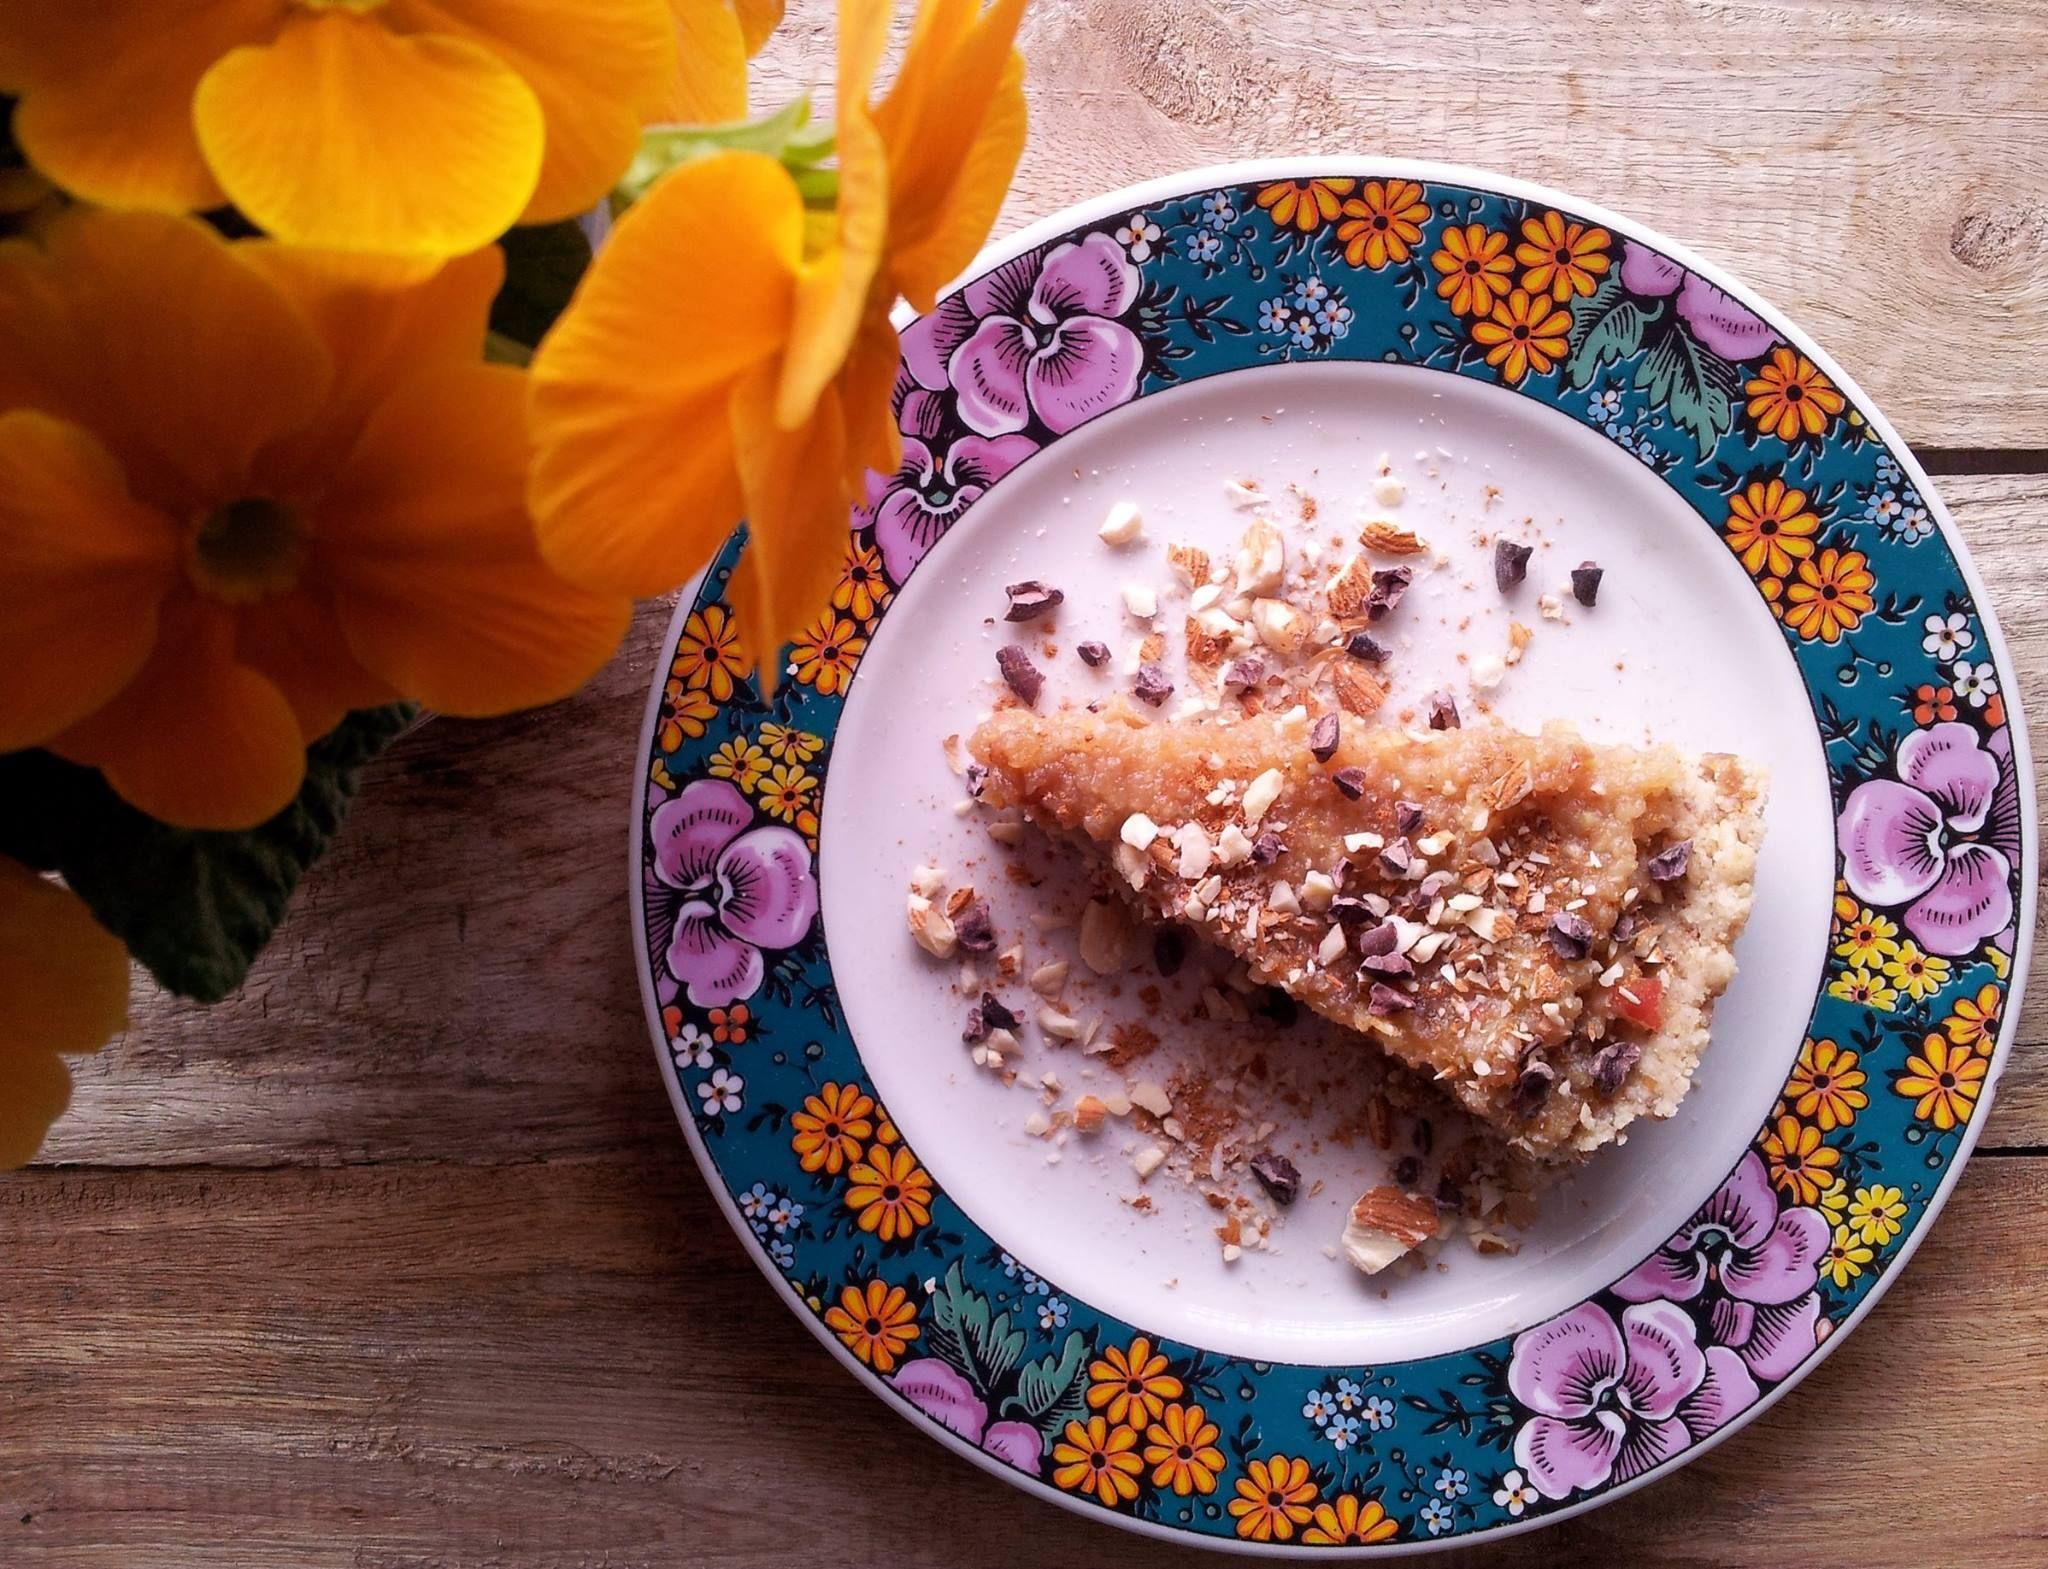 Vandaag een recept van gastblogger Irina Verwer, yogini en healthfoodie! Het is volop Indian summer en dus tijd voor een taart die bij dit seizoen past. Deze zonnige, zalige appeltaart is perfect voor deze tijd van het jaar. Al kun je er ook in andere jaargetijden van genieten...    Ingrediënten bodem: 2 ½ …